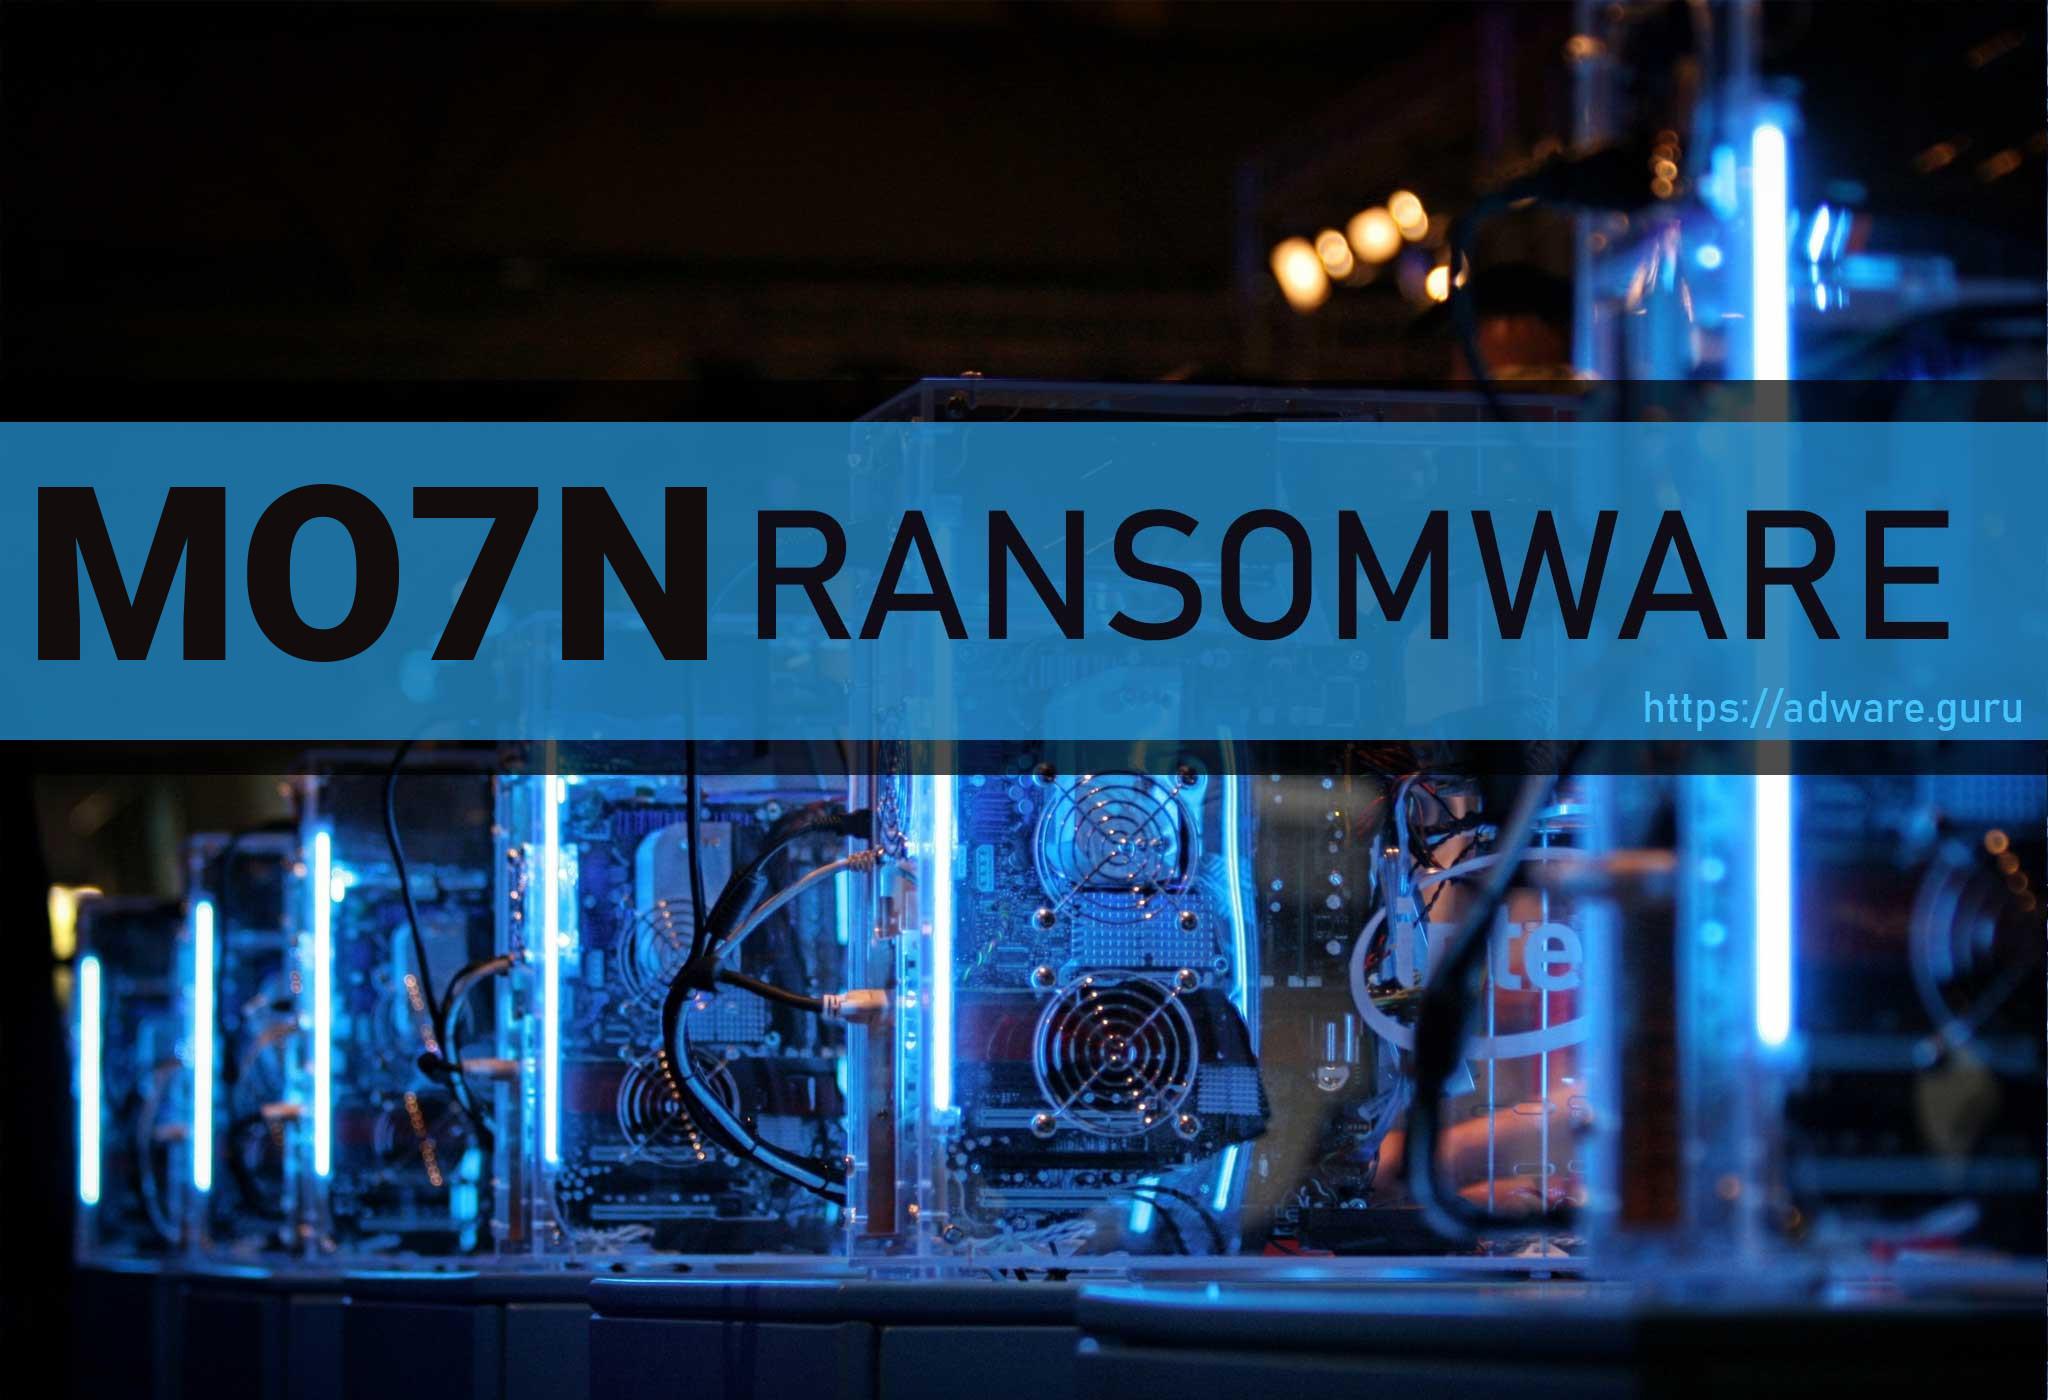 mo7n Ransomware